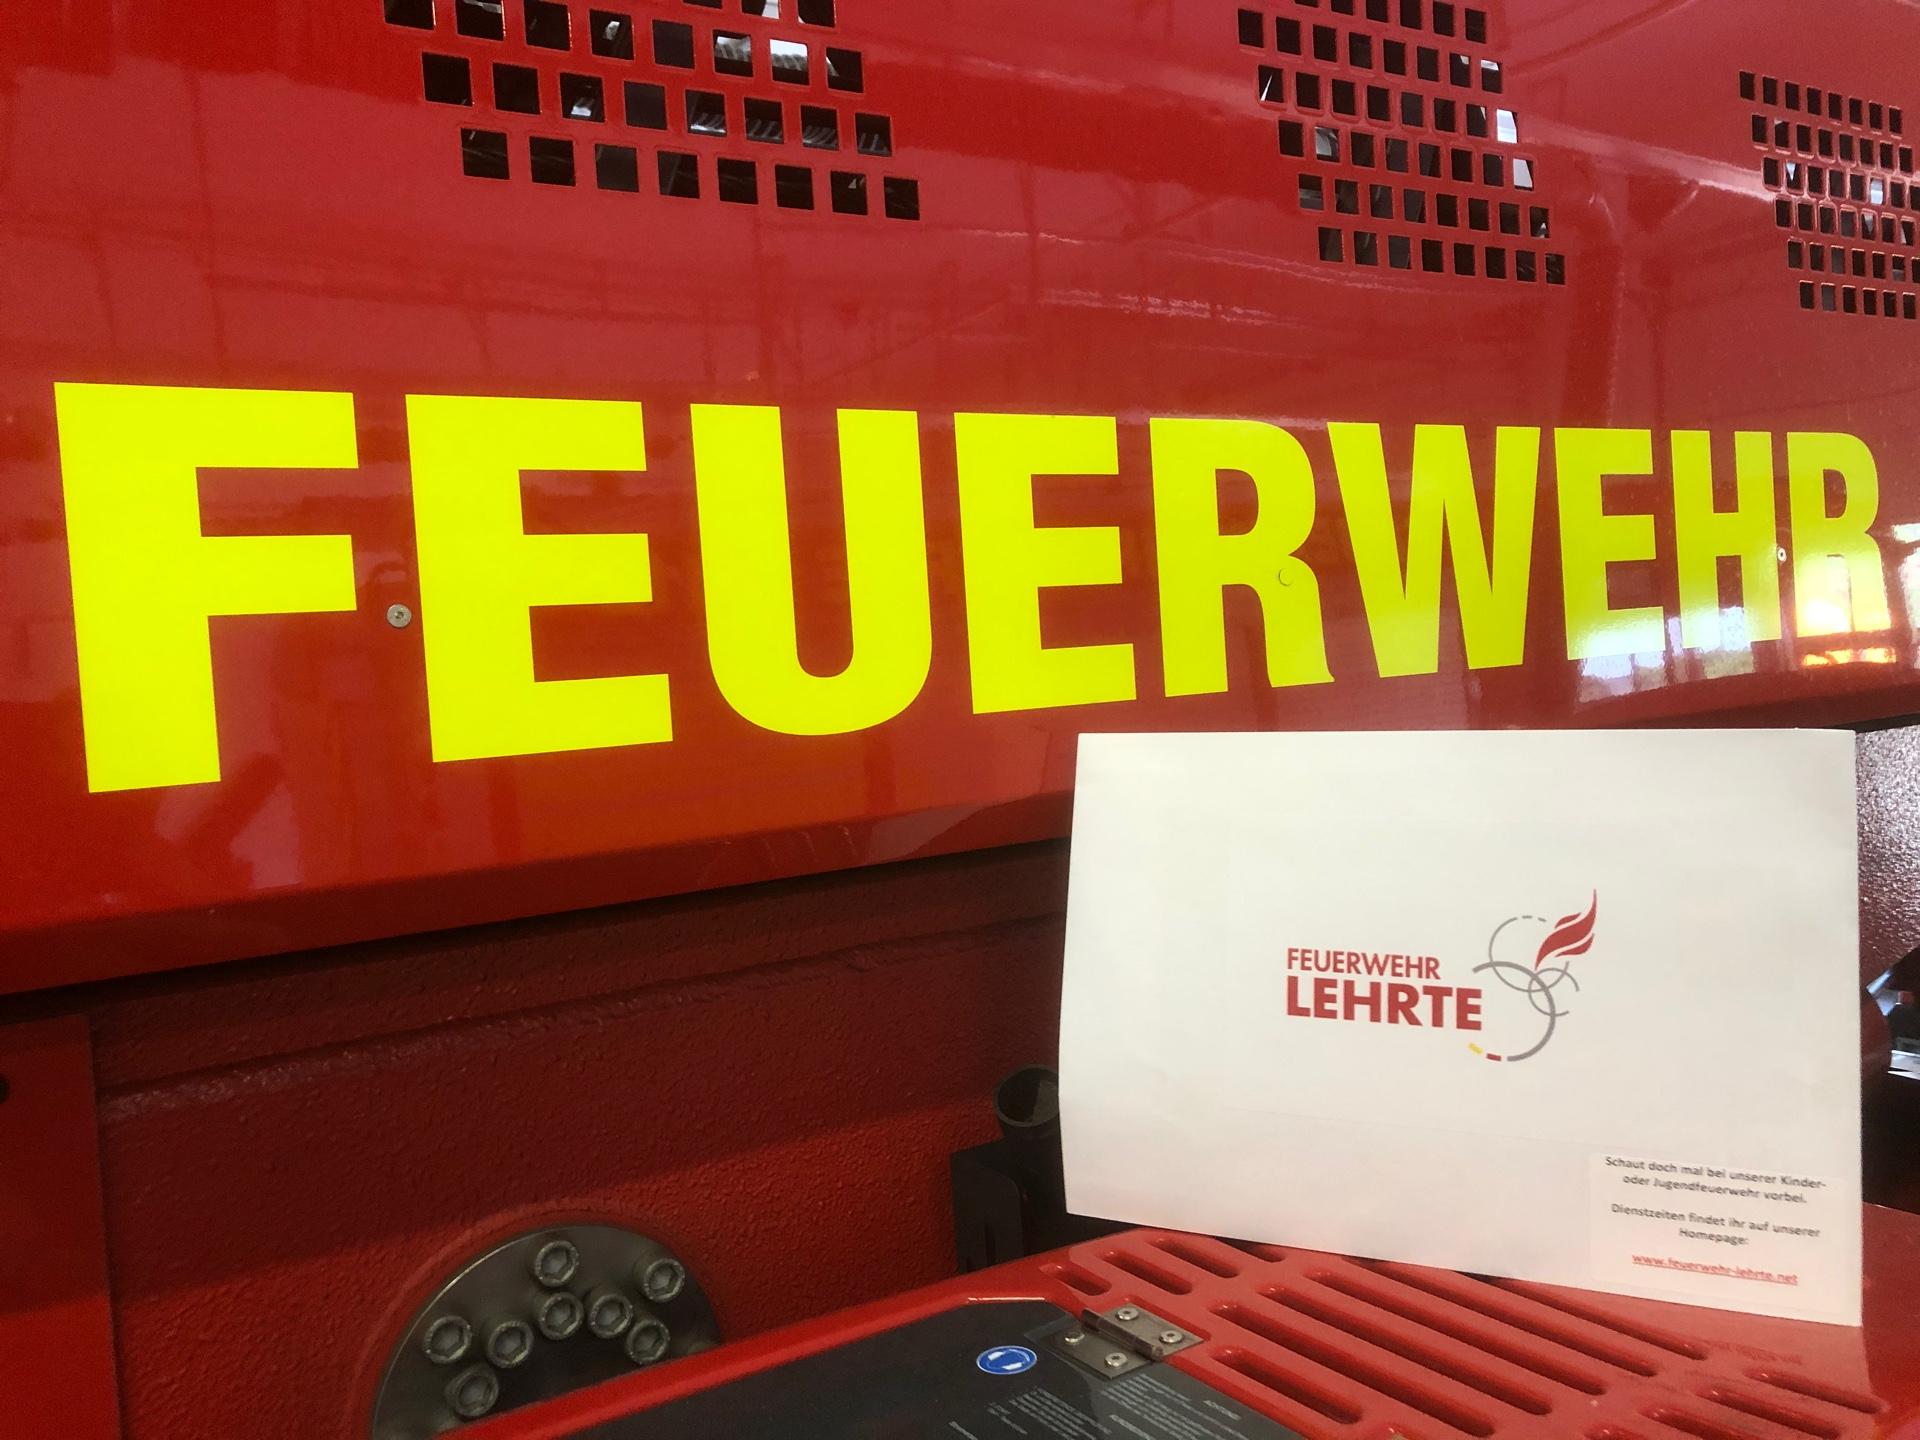 kostenloses Feuerwehr Ausmalbild